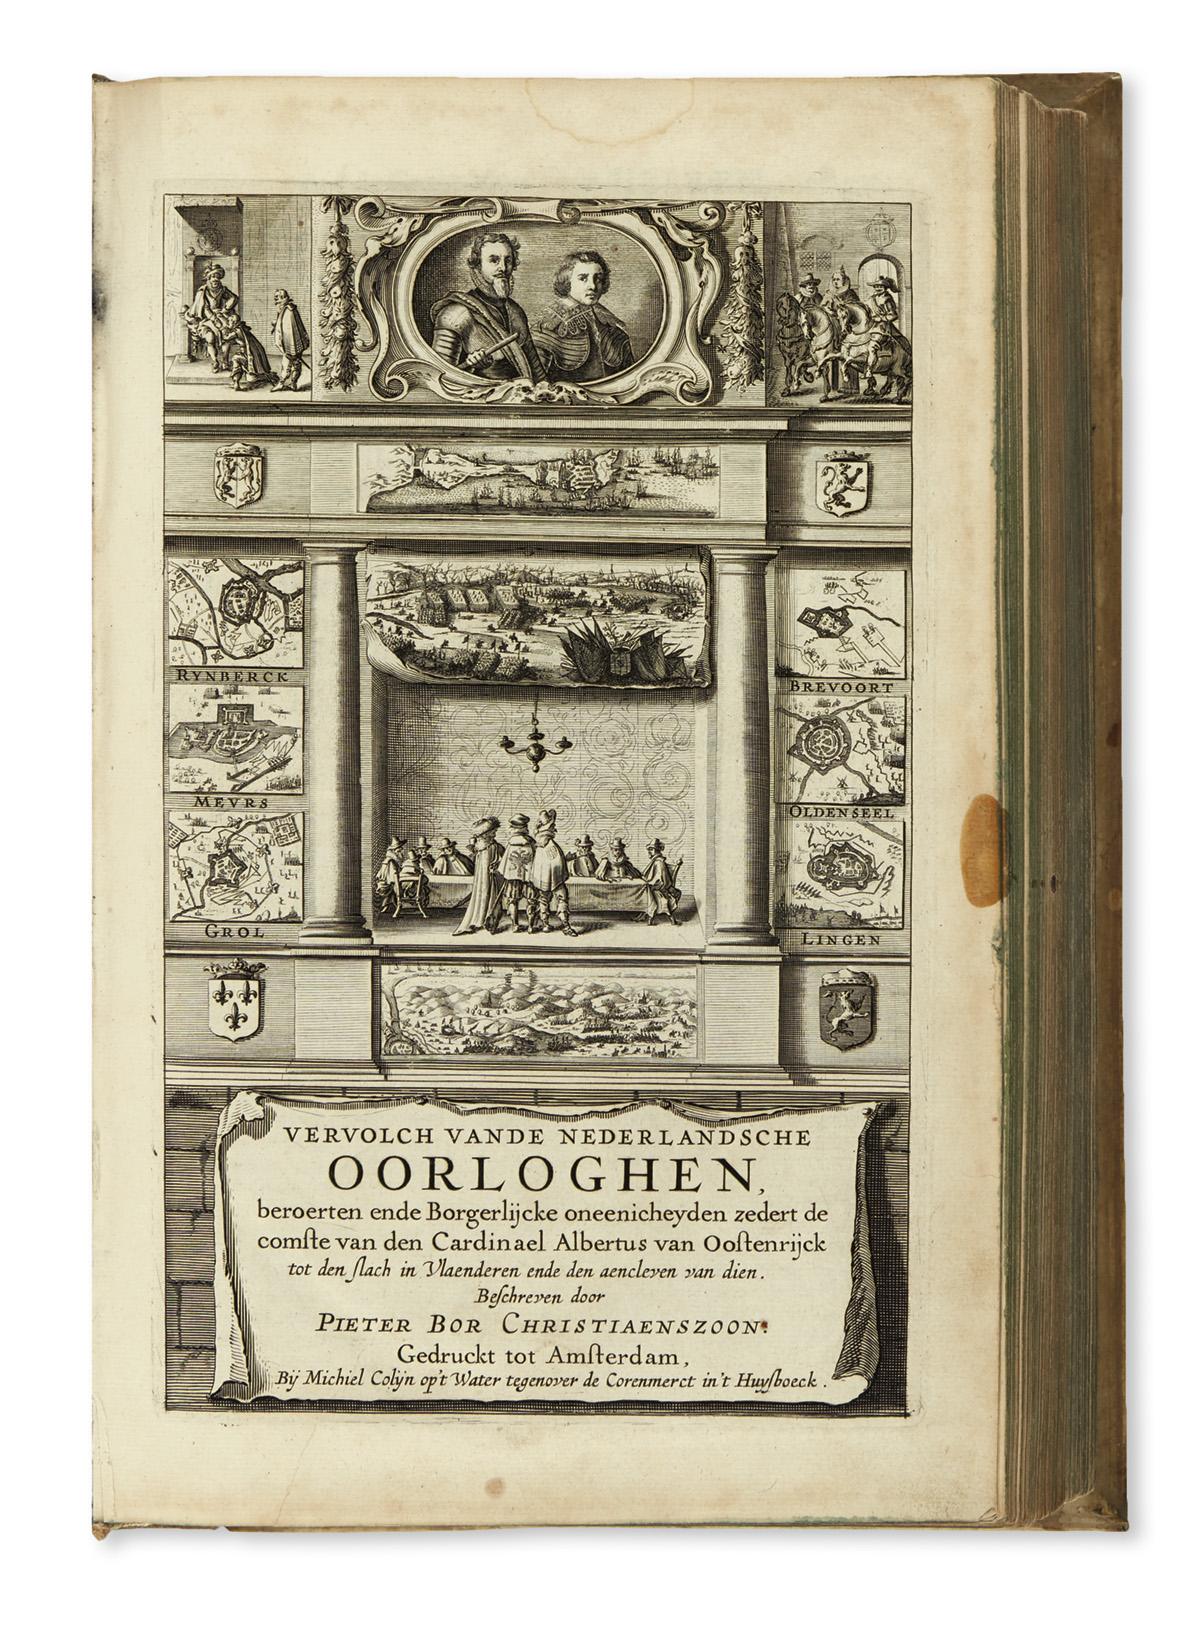 BOR-PIETER-Vervolch-van-de-Nederlandsche-Oorloghen--1634